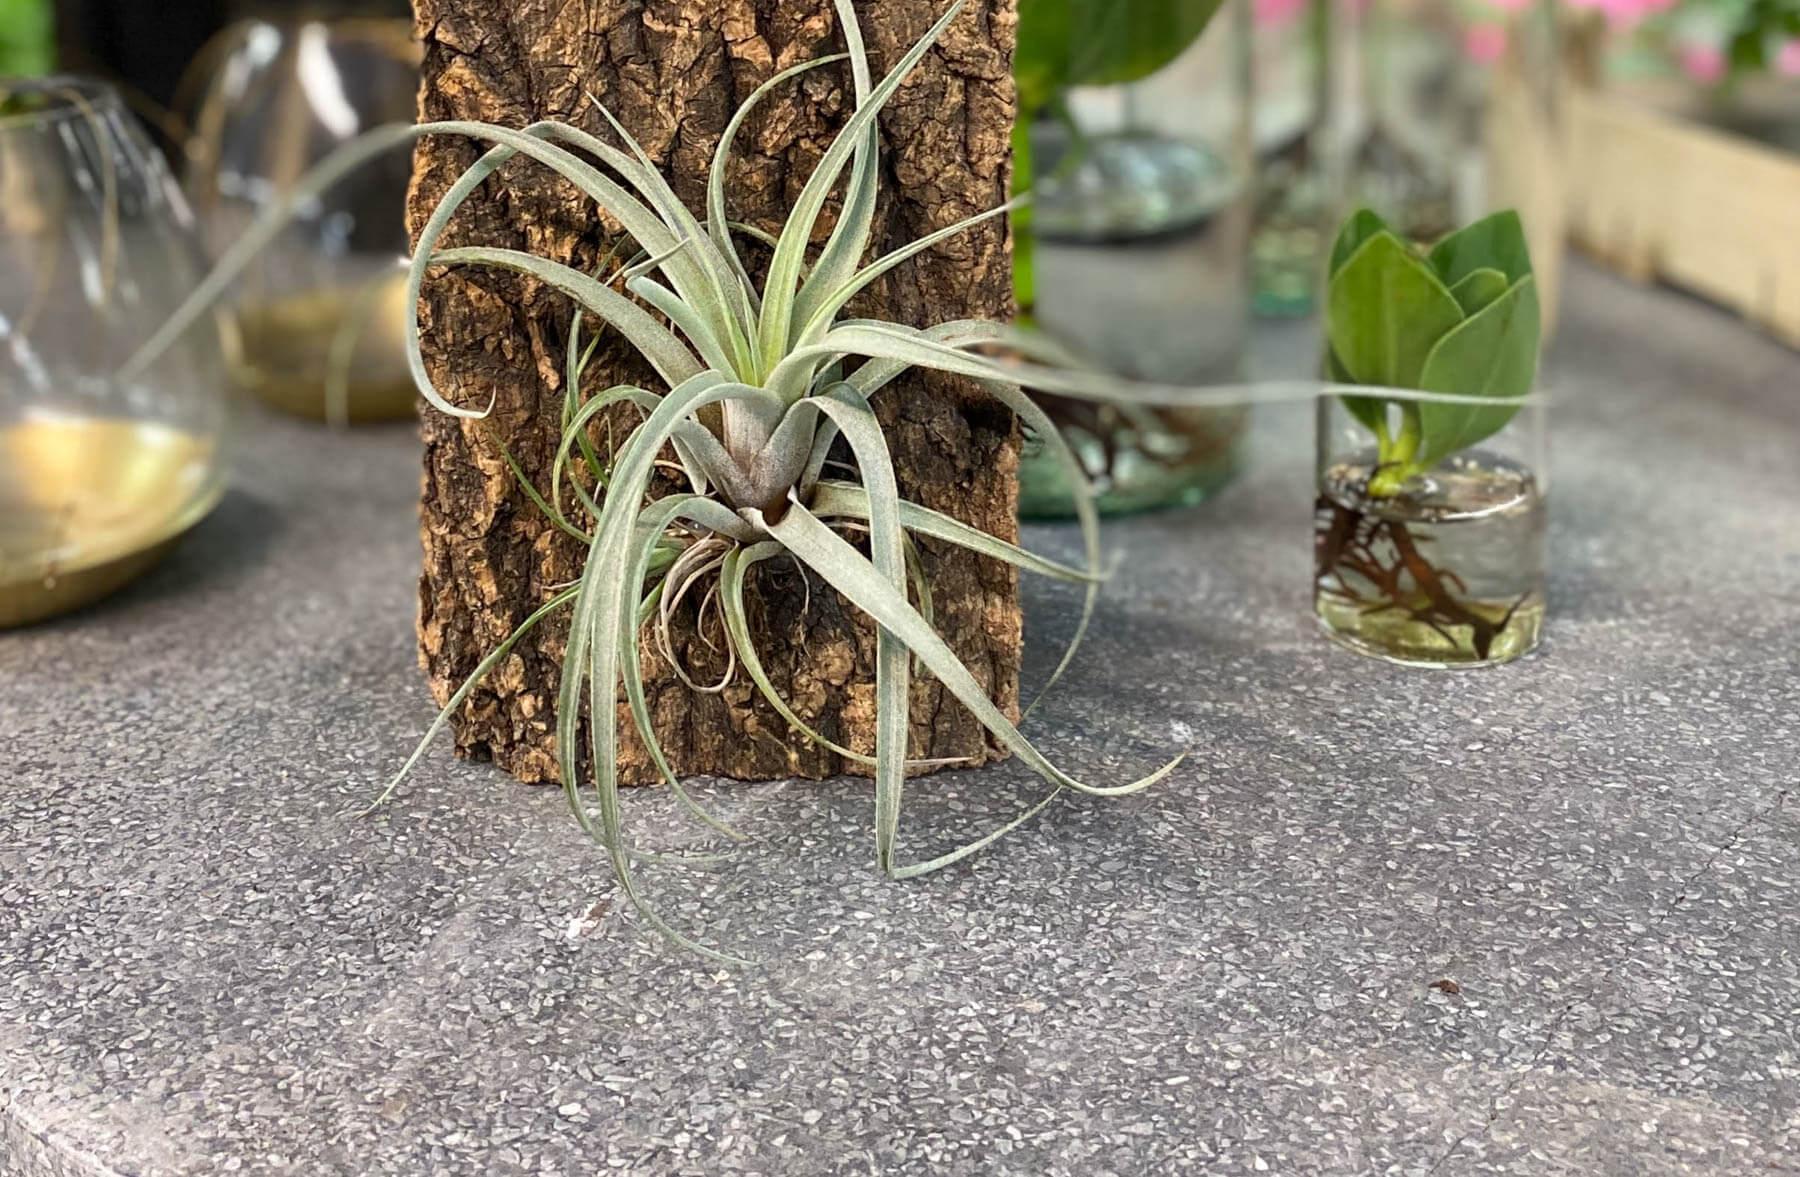 En tillandsia växer utan jord, den sitter bara fast på en barkbit. Odla utan jord.